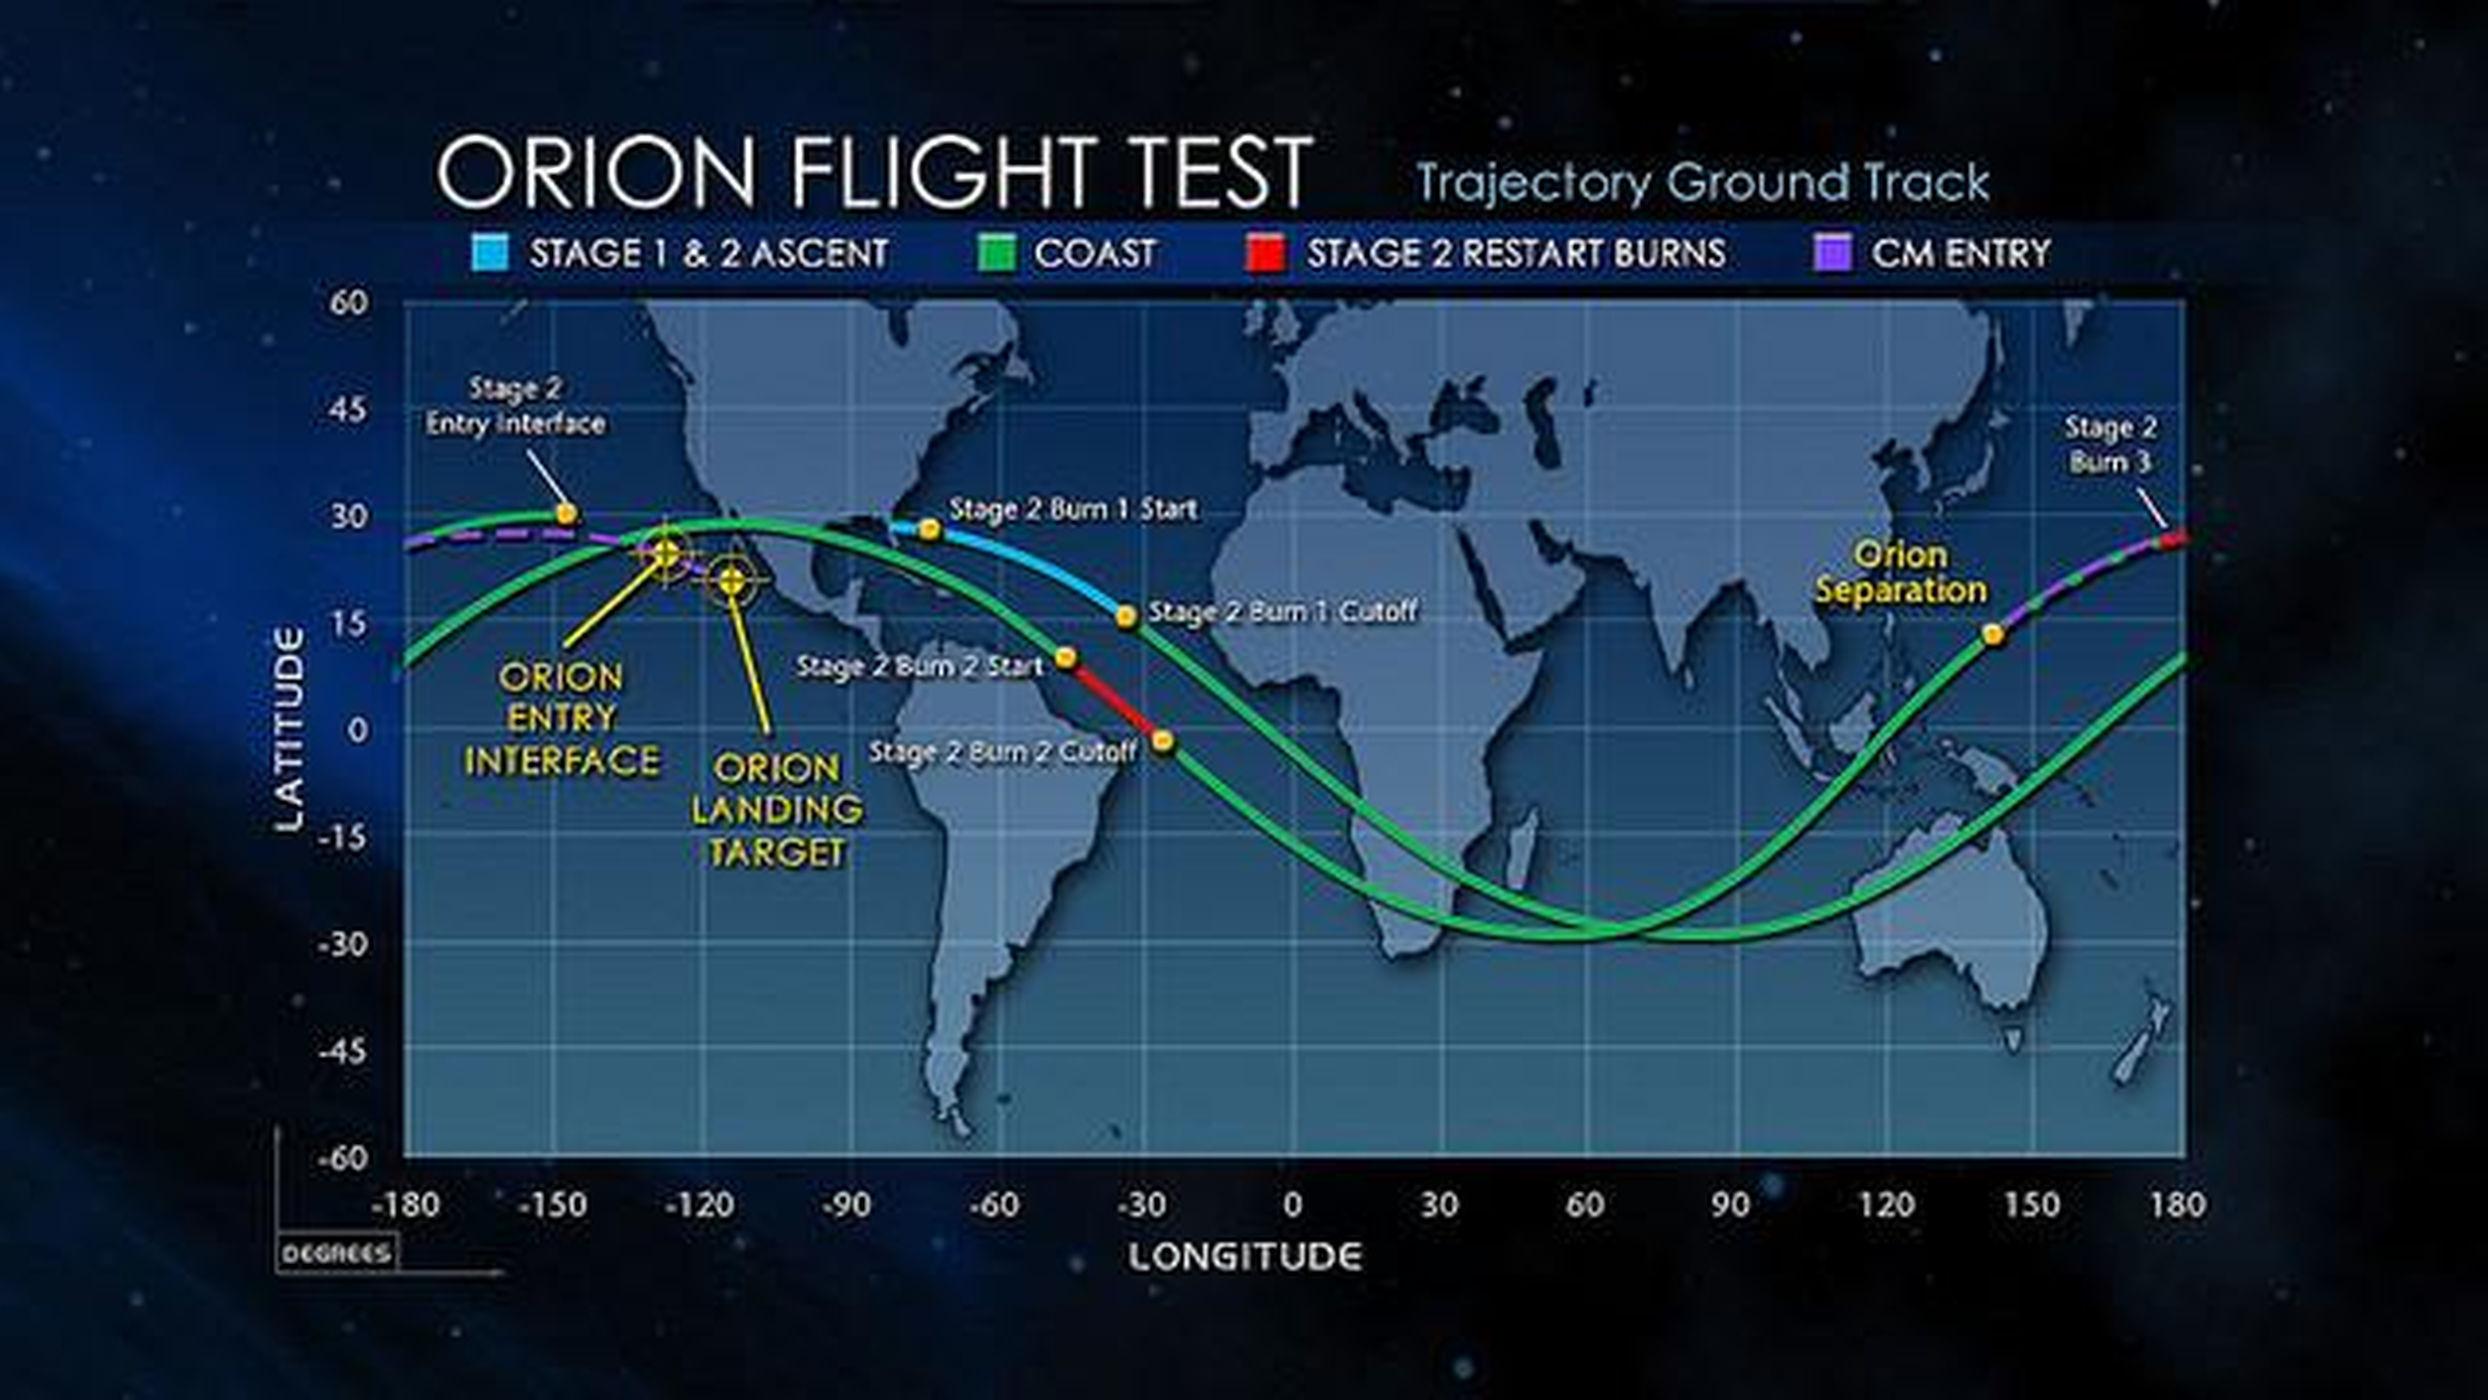 orion-flight-test-ground-track